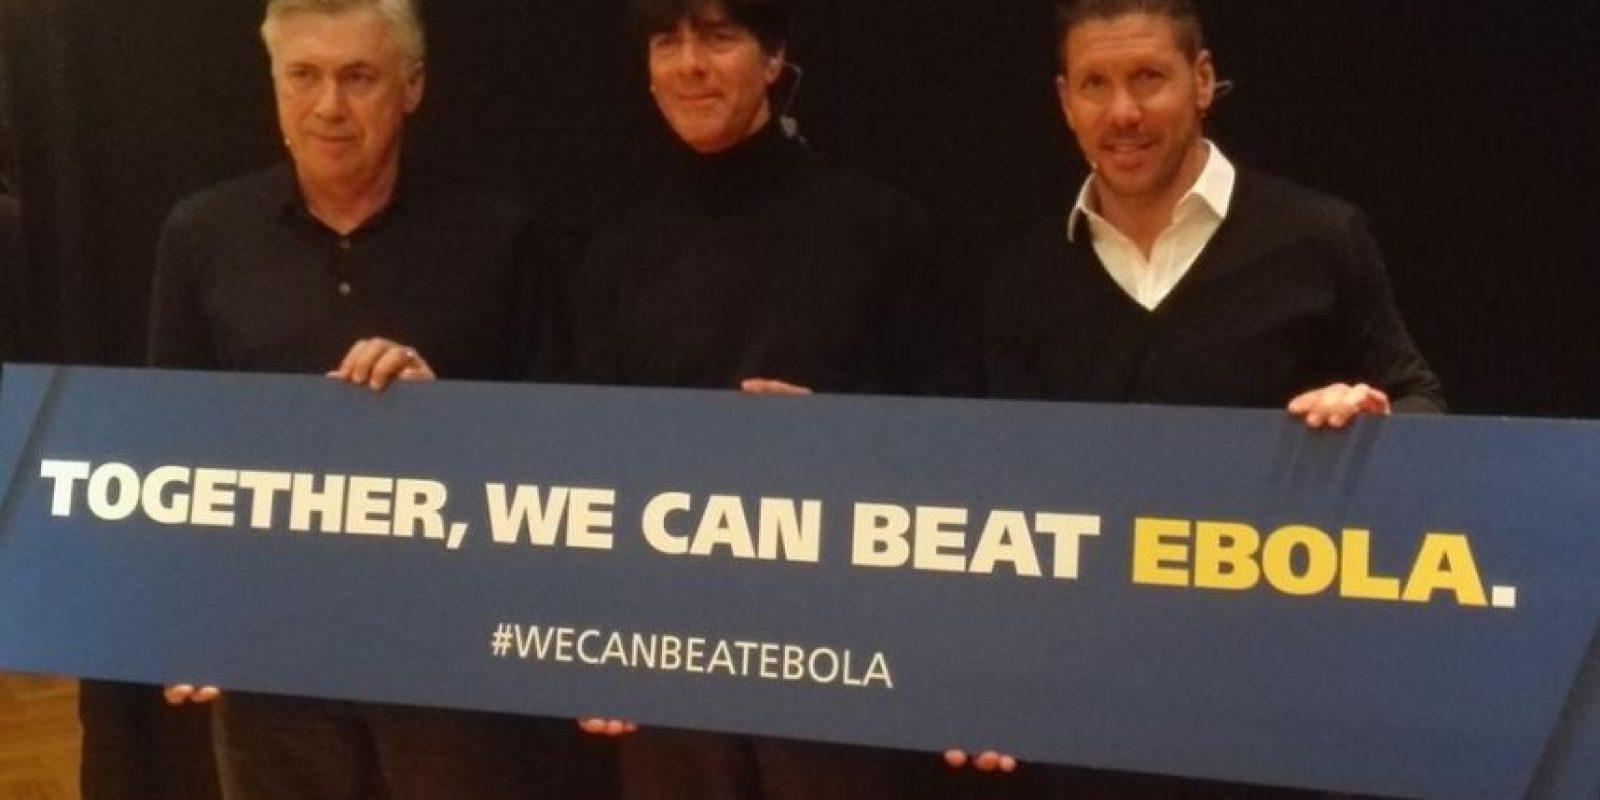 Carlo Ancelotti, Joachim Löw y Diego Simeone. Foto:Twitter.com/Atleti